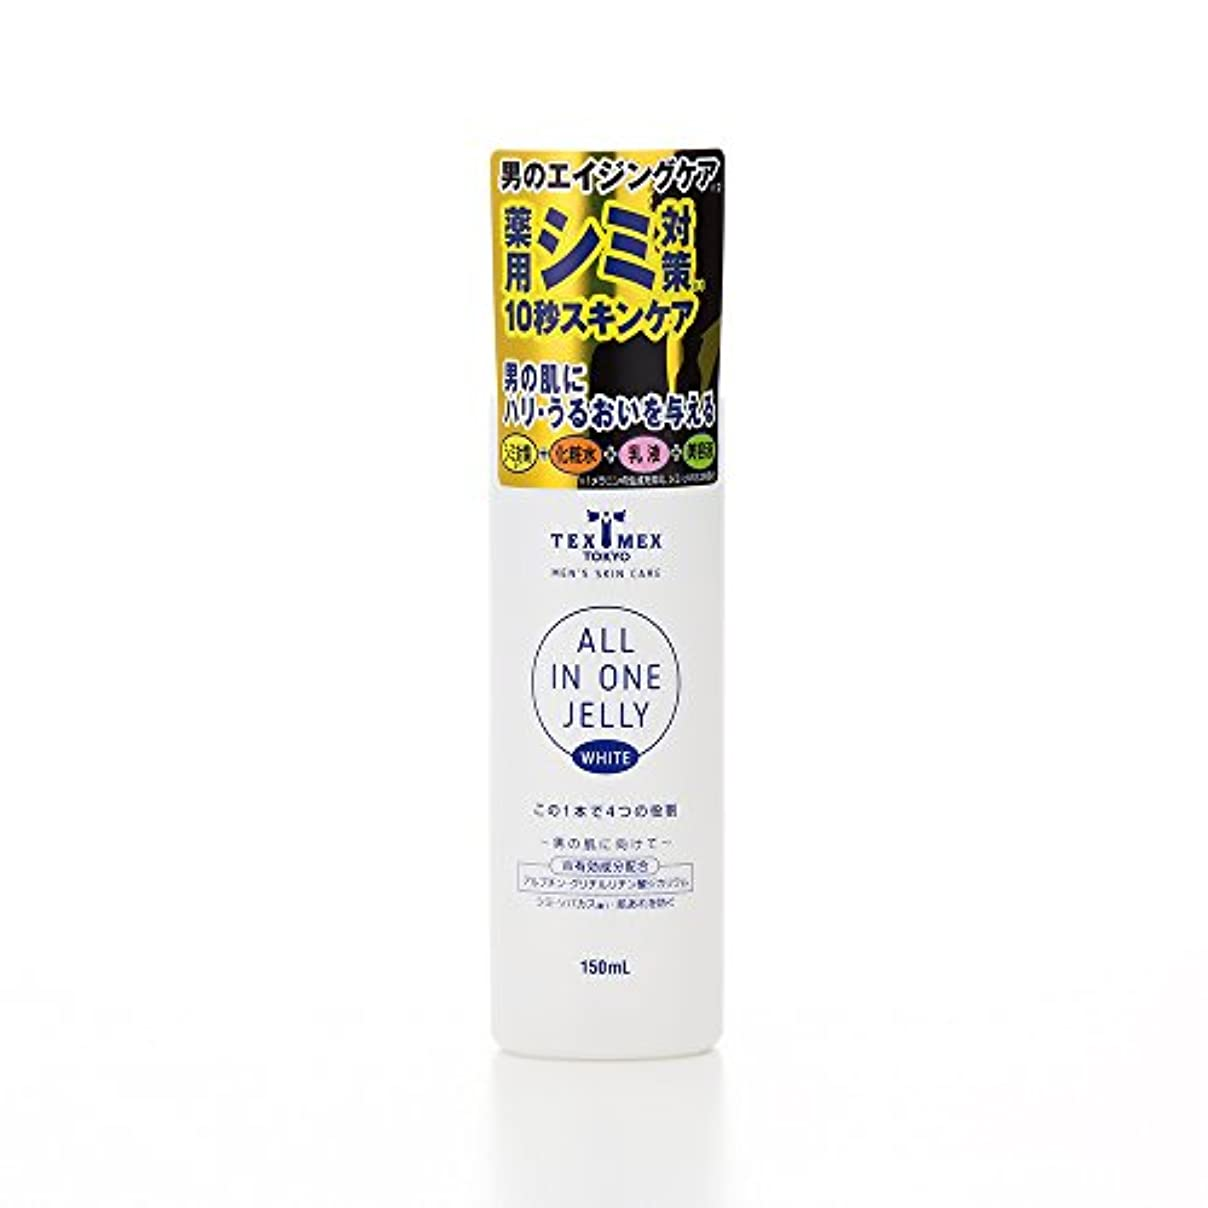 め言葉スキー厳テックスメックス 薬用スキンケアジェリー WH (ジェル状美容液) 150mL (医薬部外品)